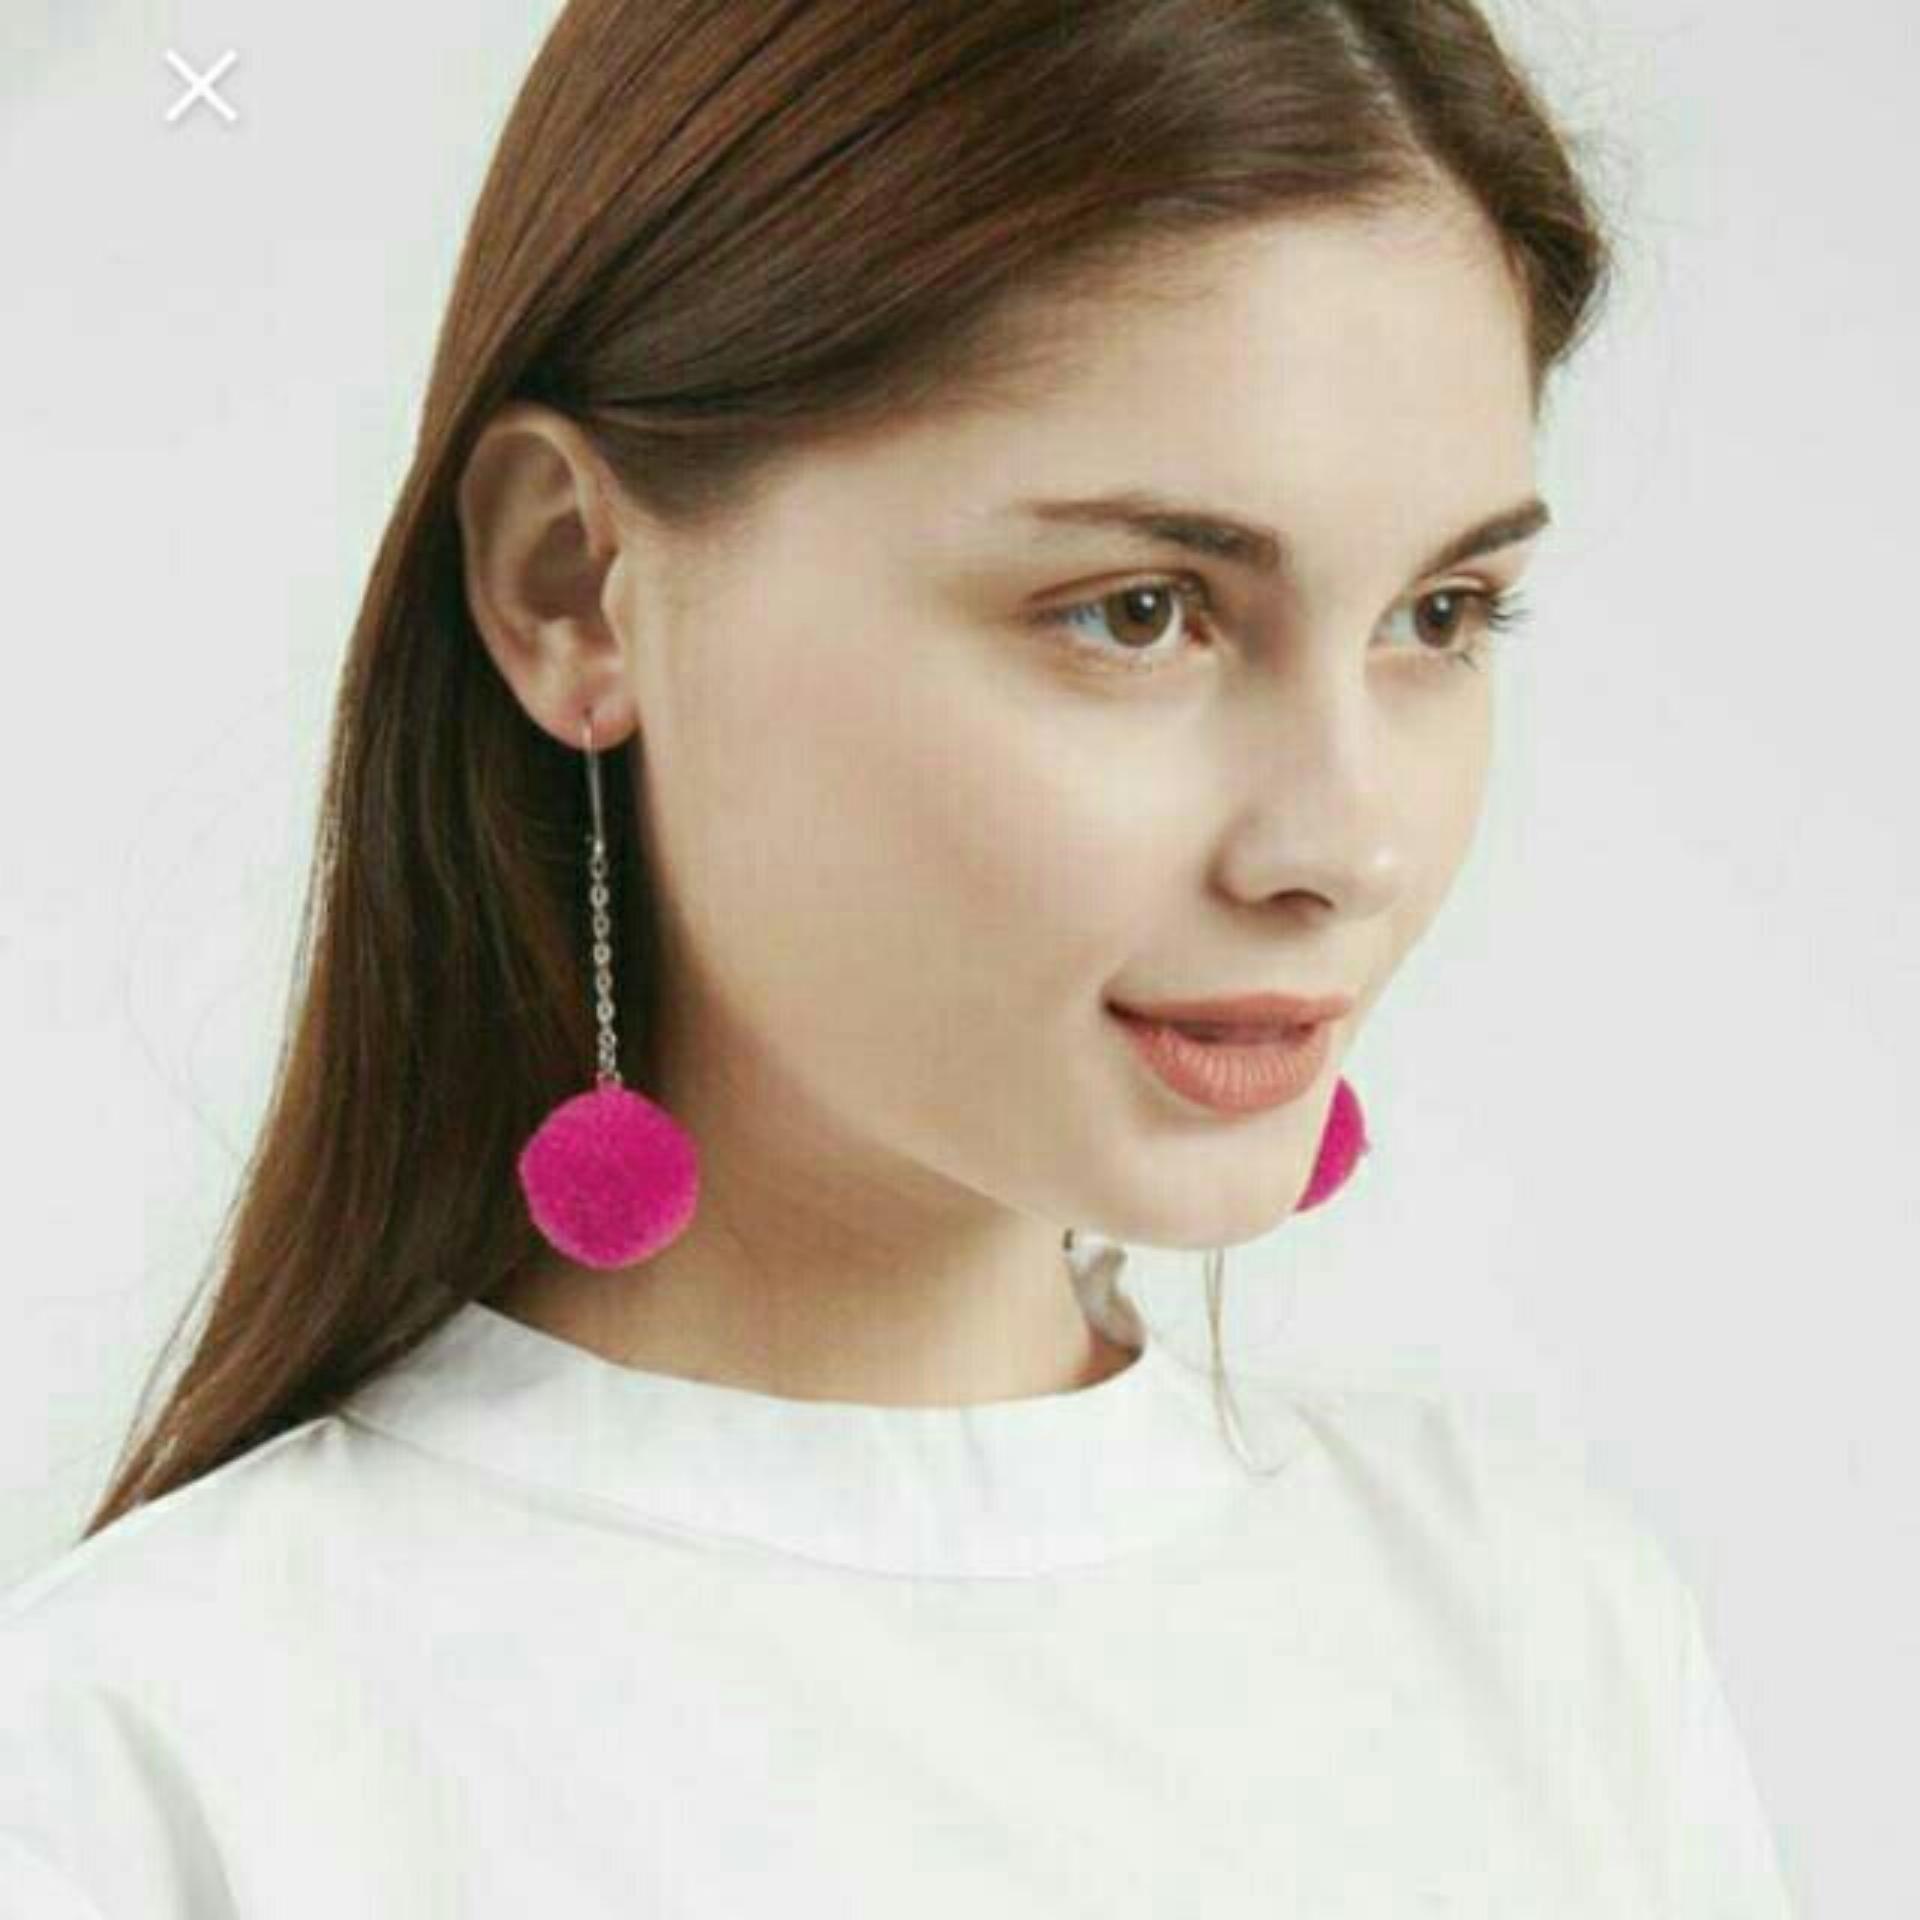 Anting Earring Pompom Mini 2cm